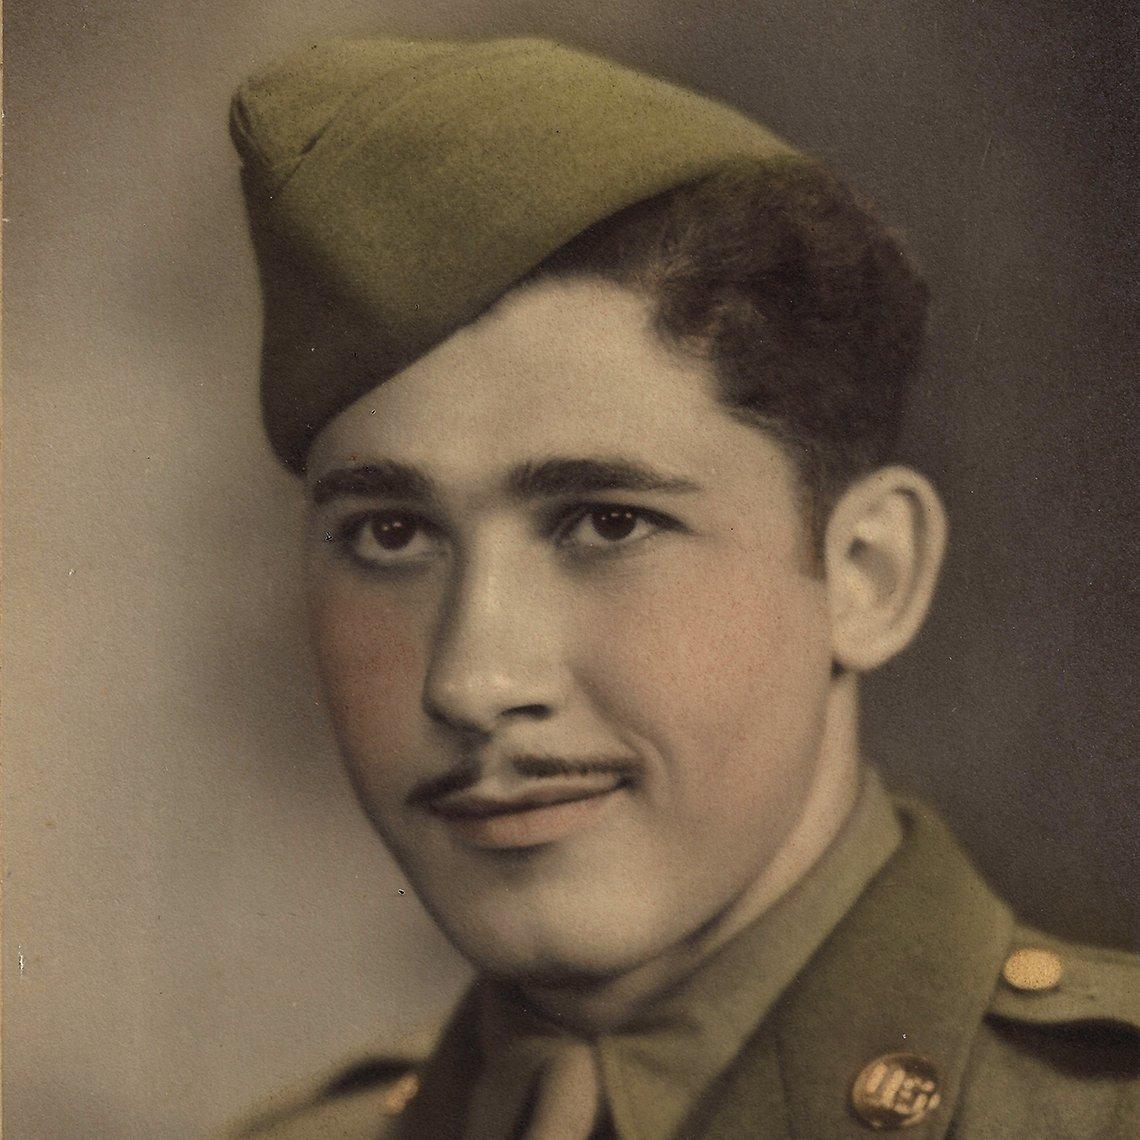 Luciano Graziano